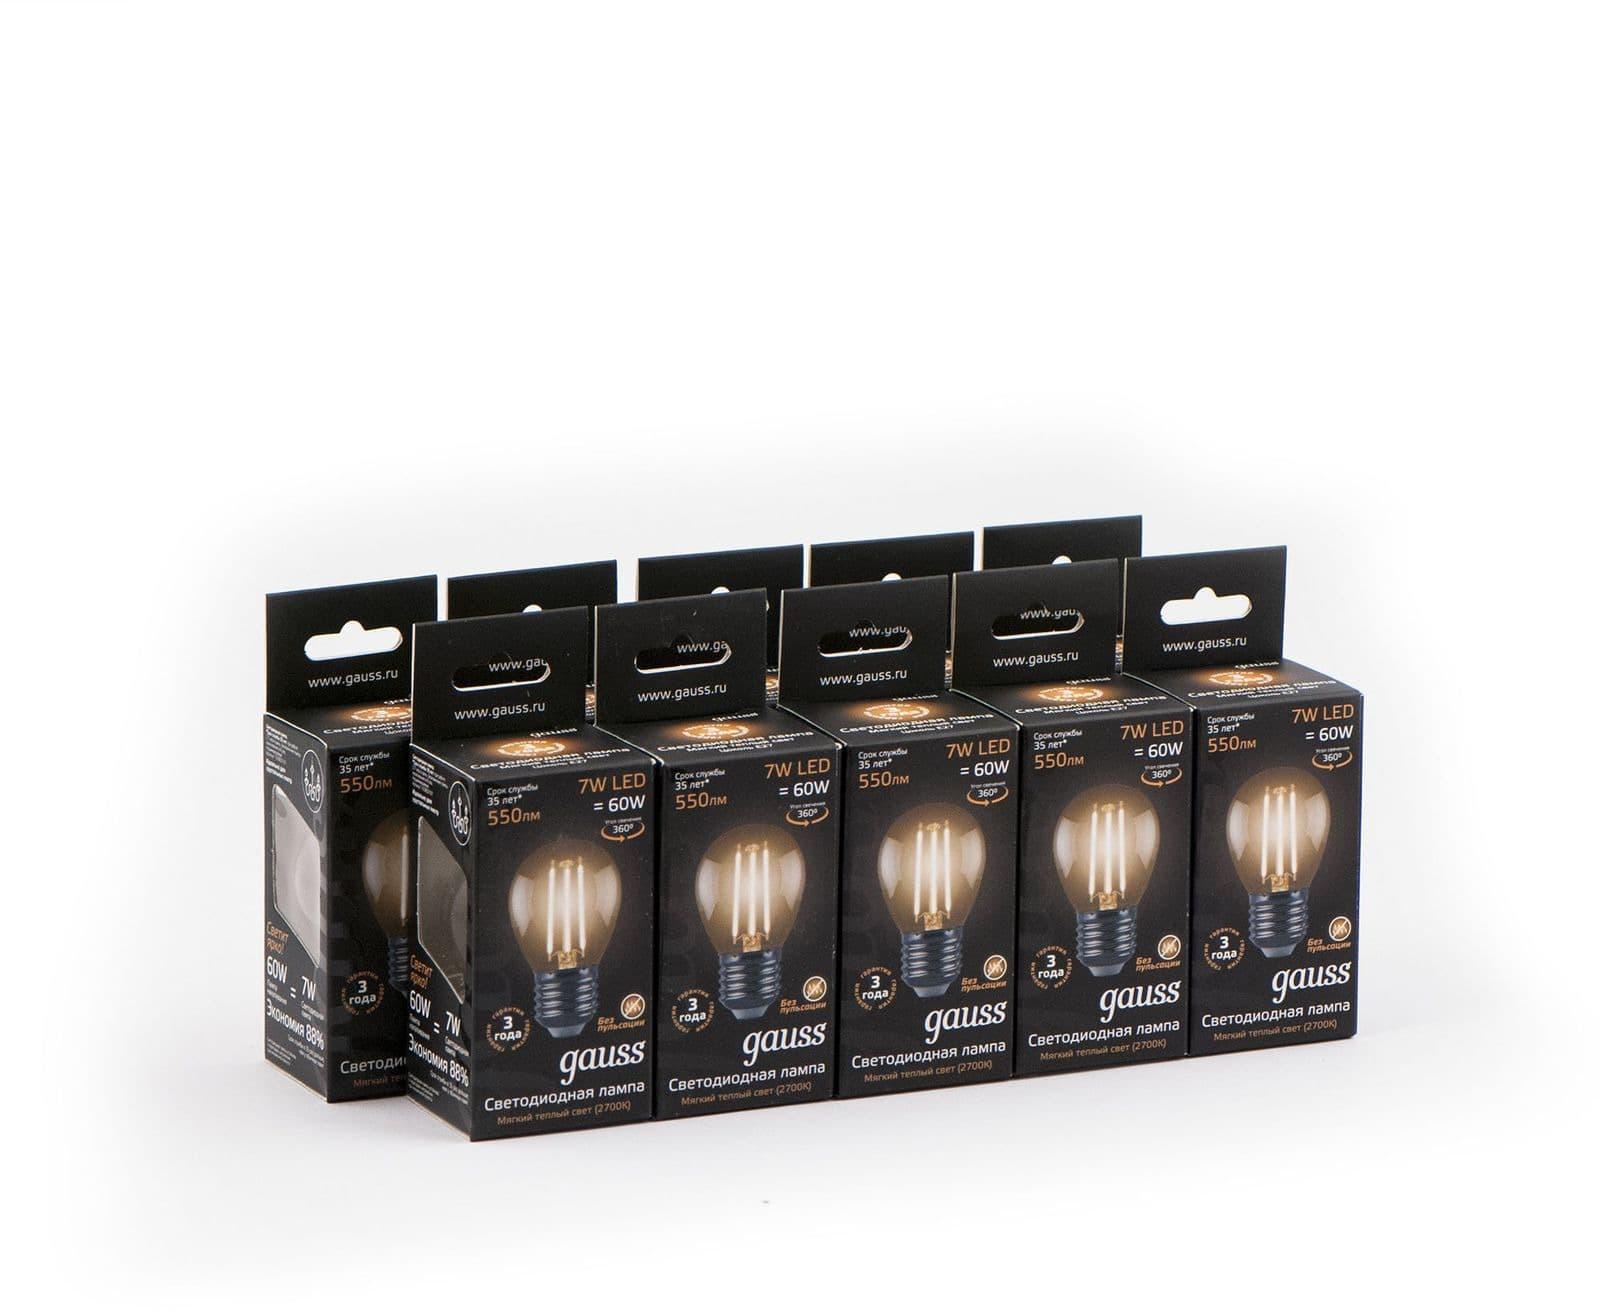 Комплект из 10 светодиодных ламп Gauss LED Filament Globe 7W E27 2700K 105802107